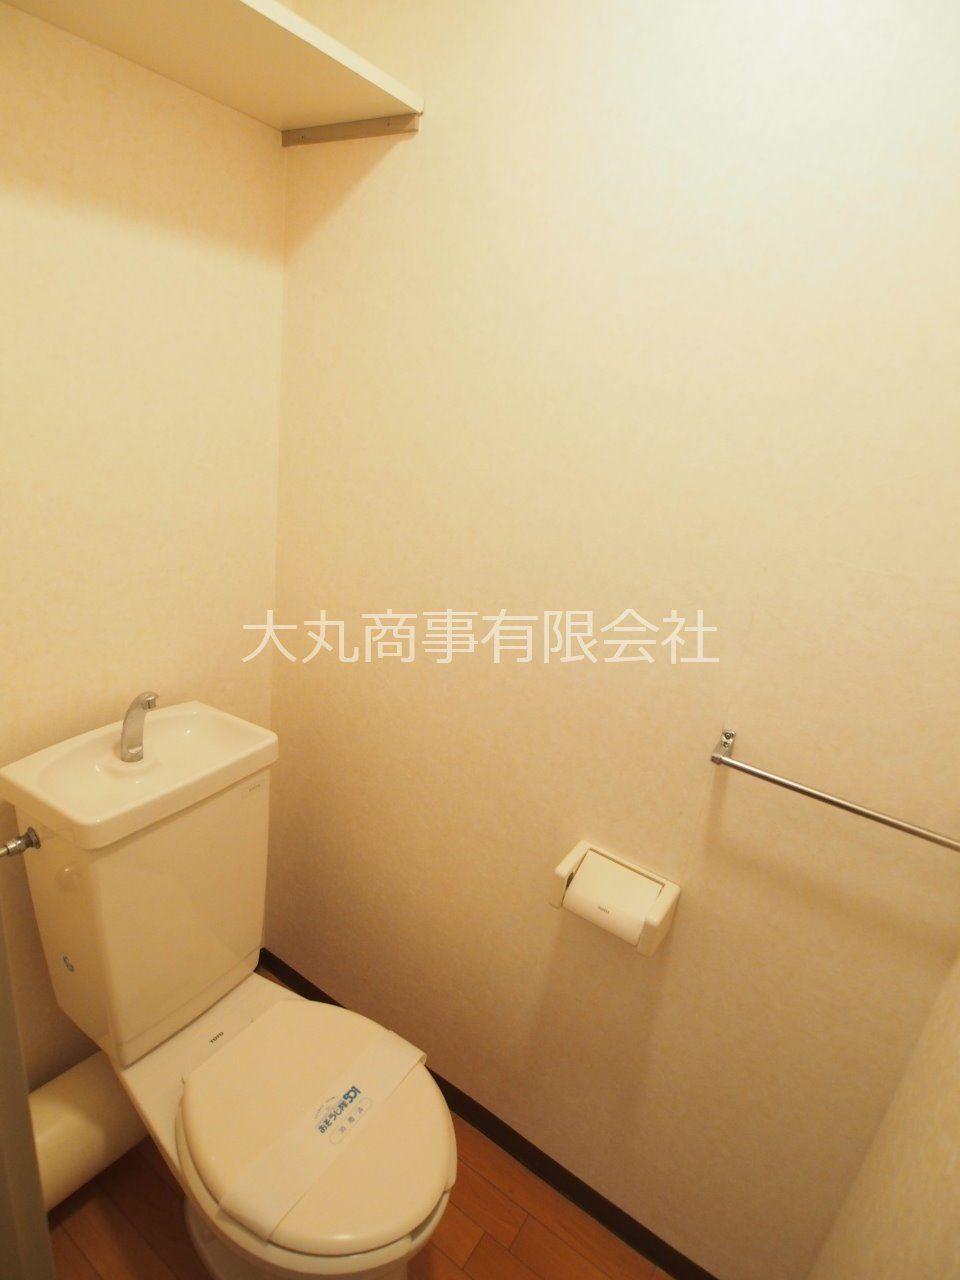 トイレ内にコンセントがあるので温水洗浄便座へ取替もできます